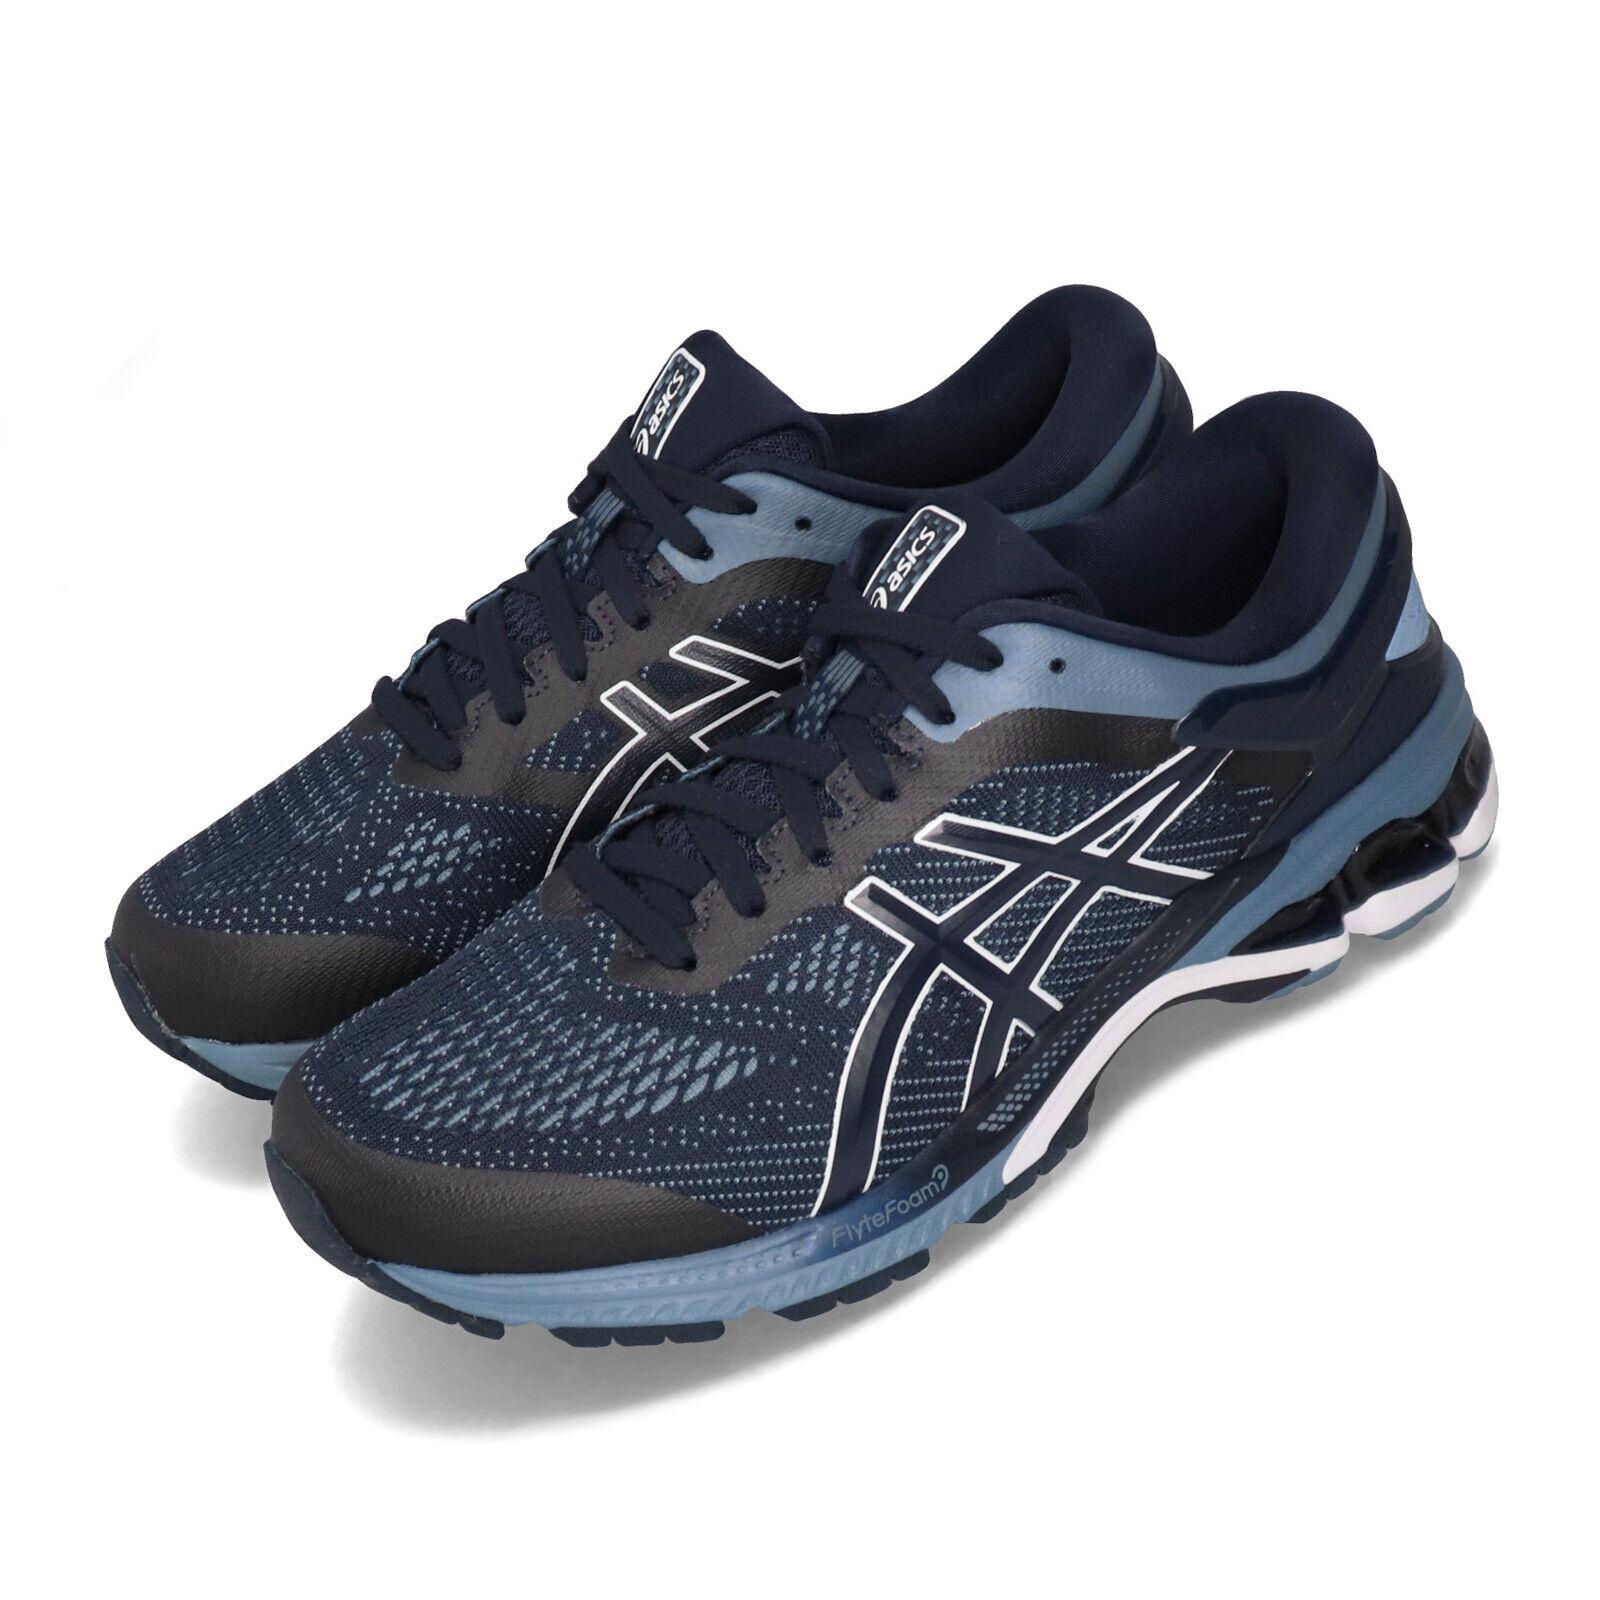 Asics Gel-Kayano 26 2E Ancho Azul de medianoche Hombres Zapatos Tenis Para Correr 1011A542-400